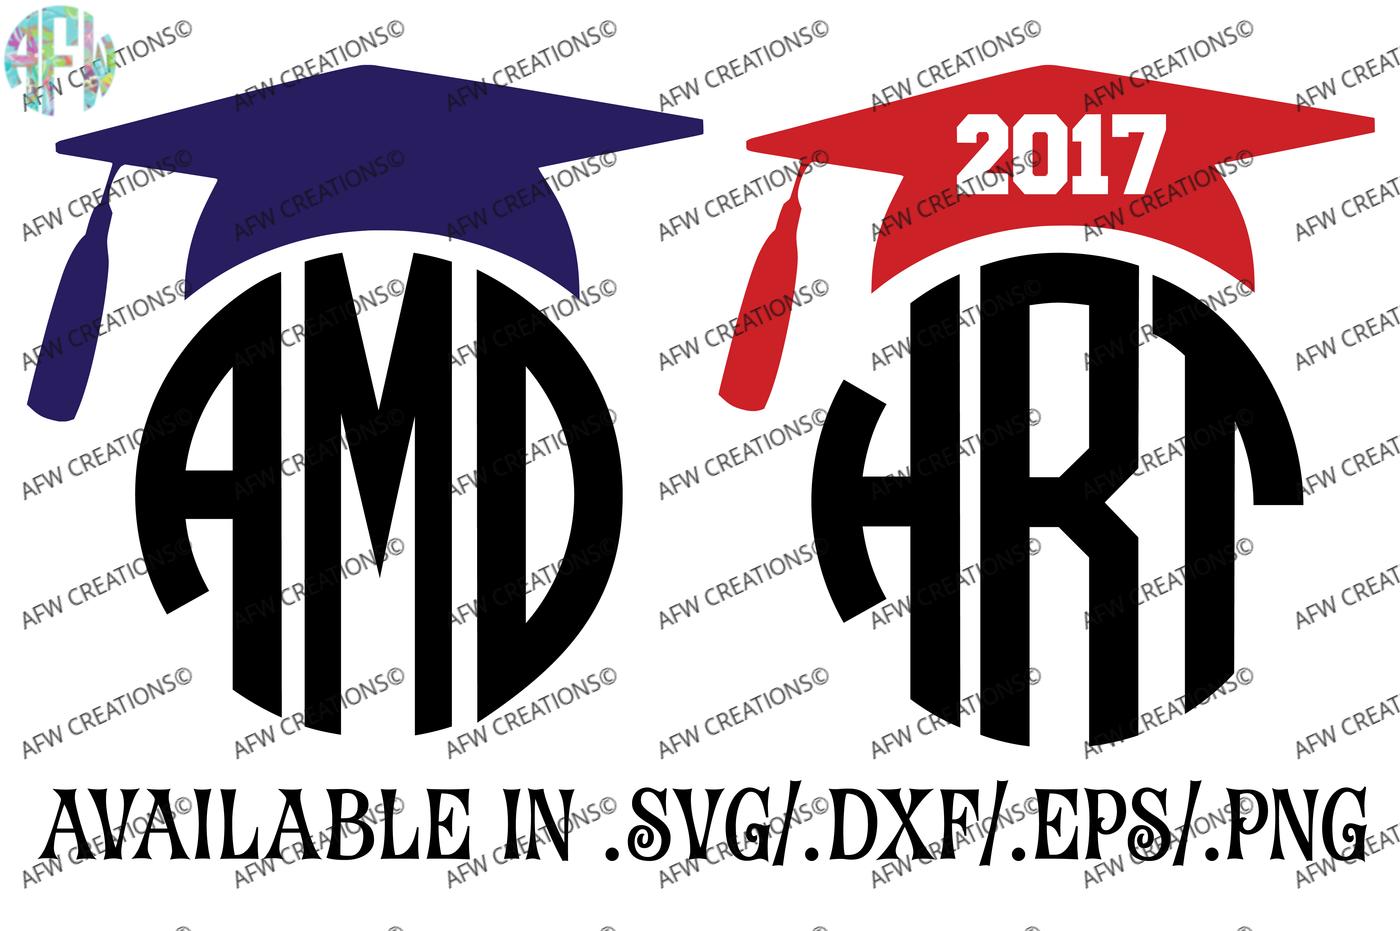 2017 Graduation Monogram Cap Svg Dxf Eps Cut Files By Afw